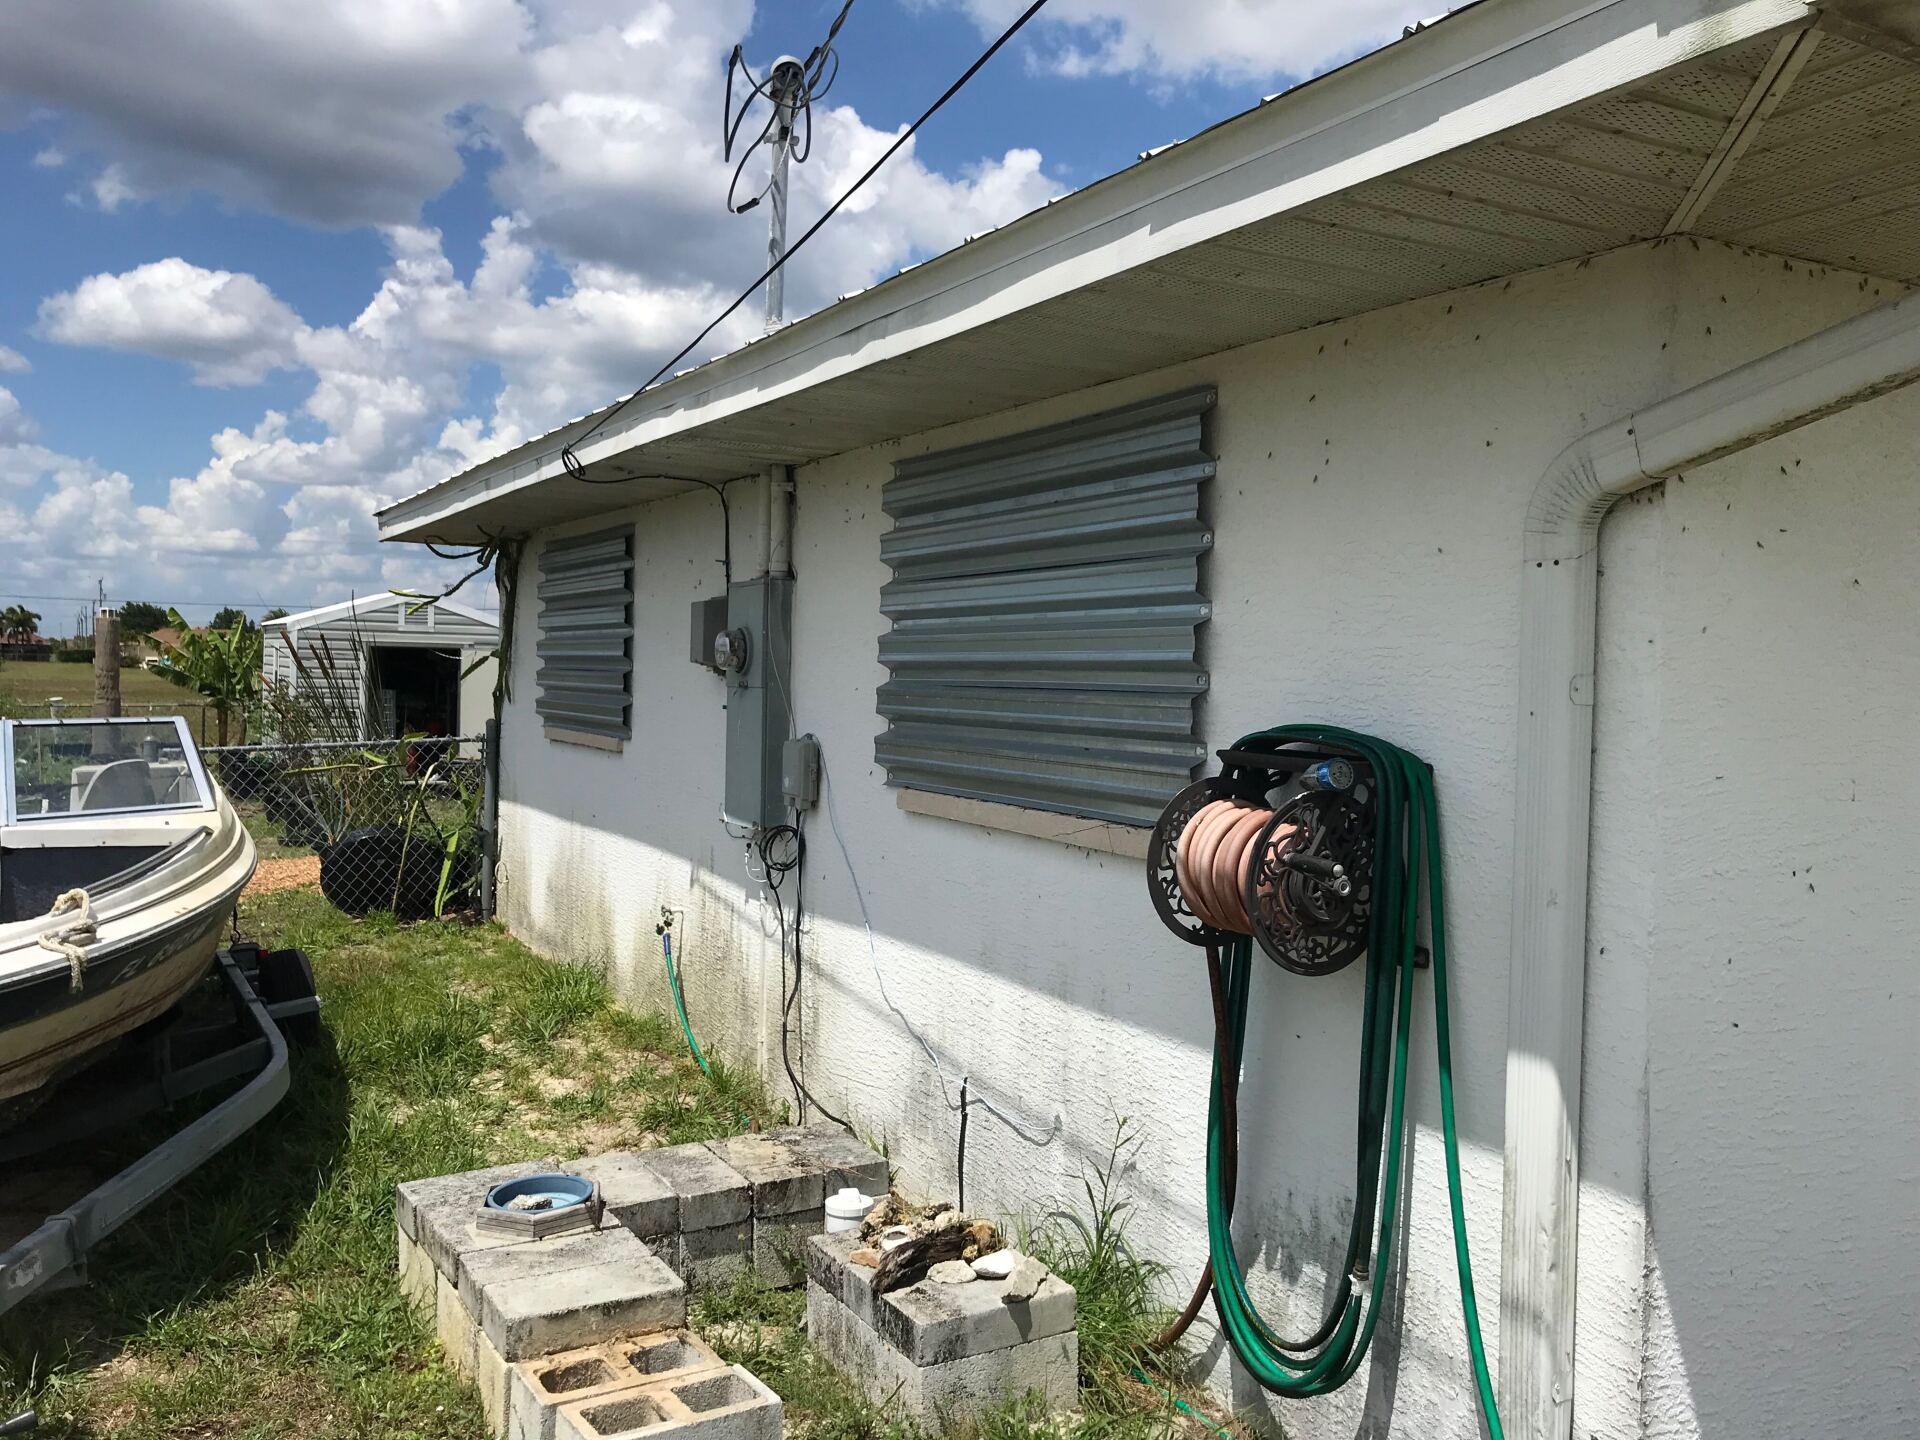 Bomb squad investigation at home in Cape Coral